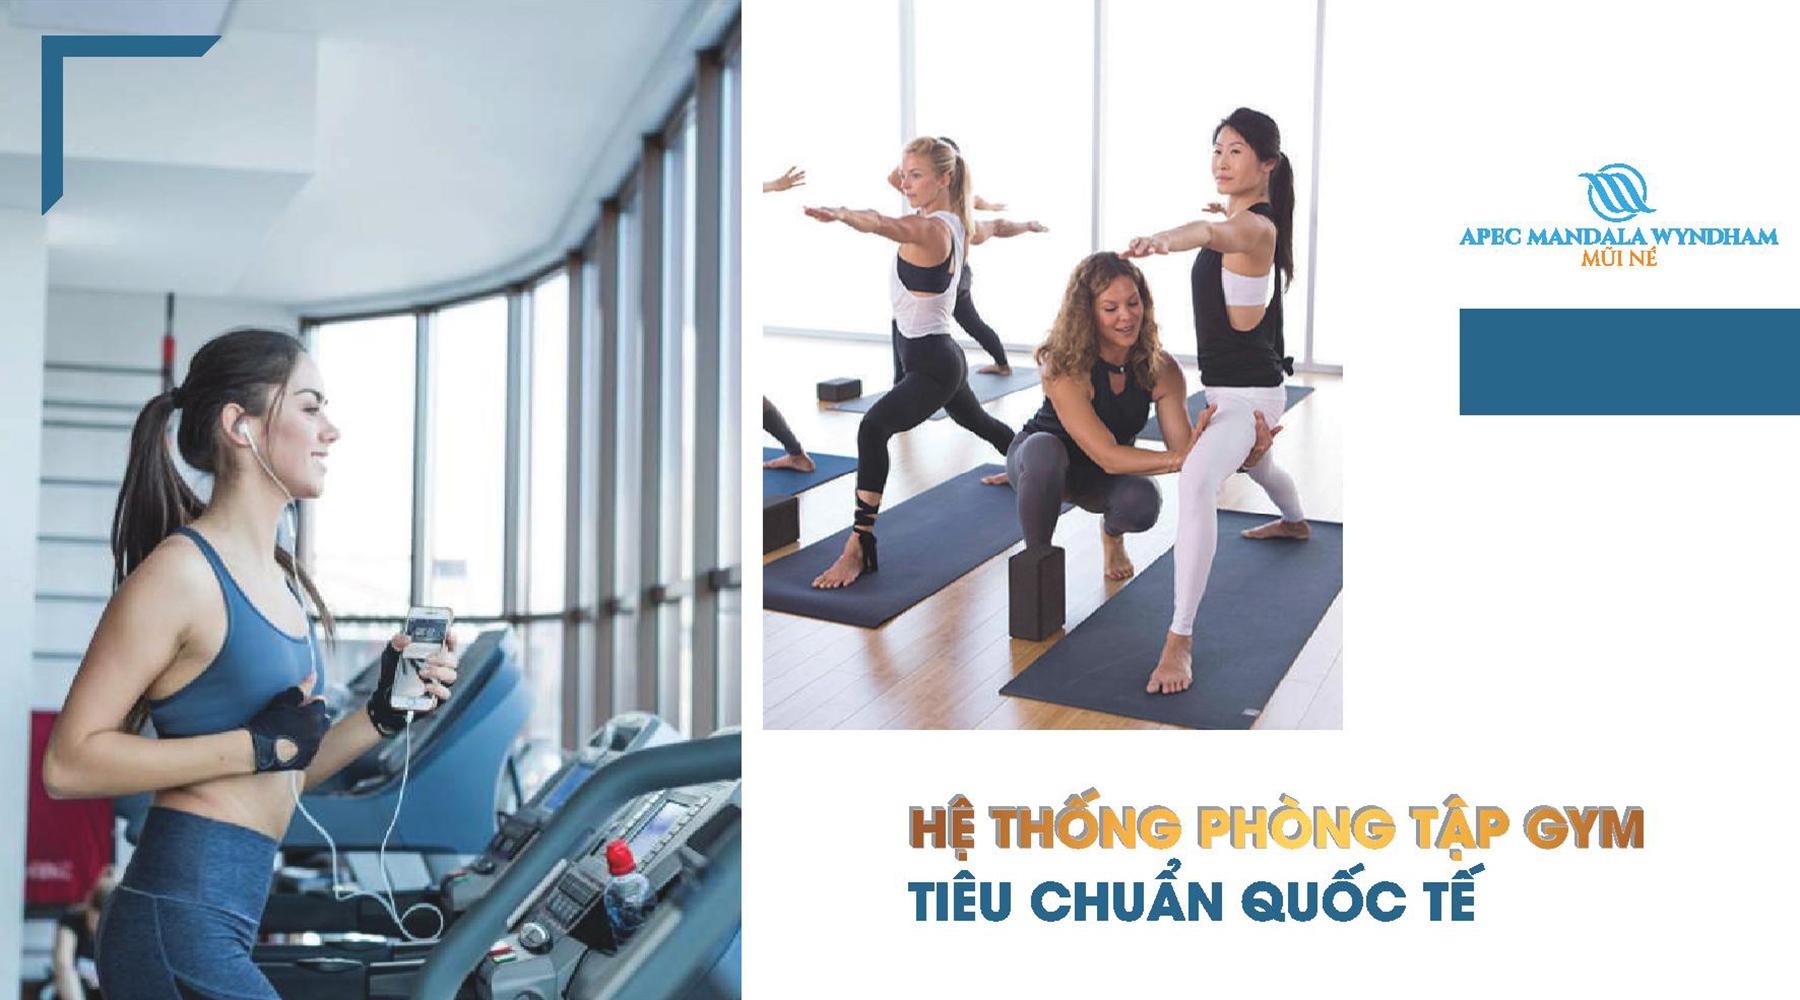 Tiện ích dự án Apec Mandala Wyndham Hệ thống phòng tập Gym